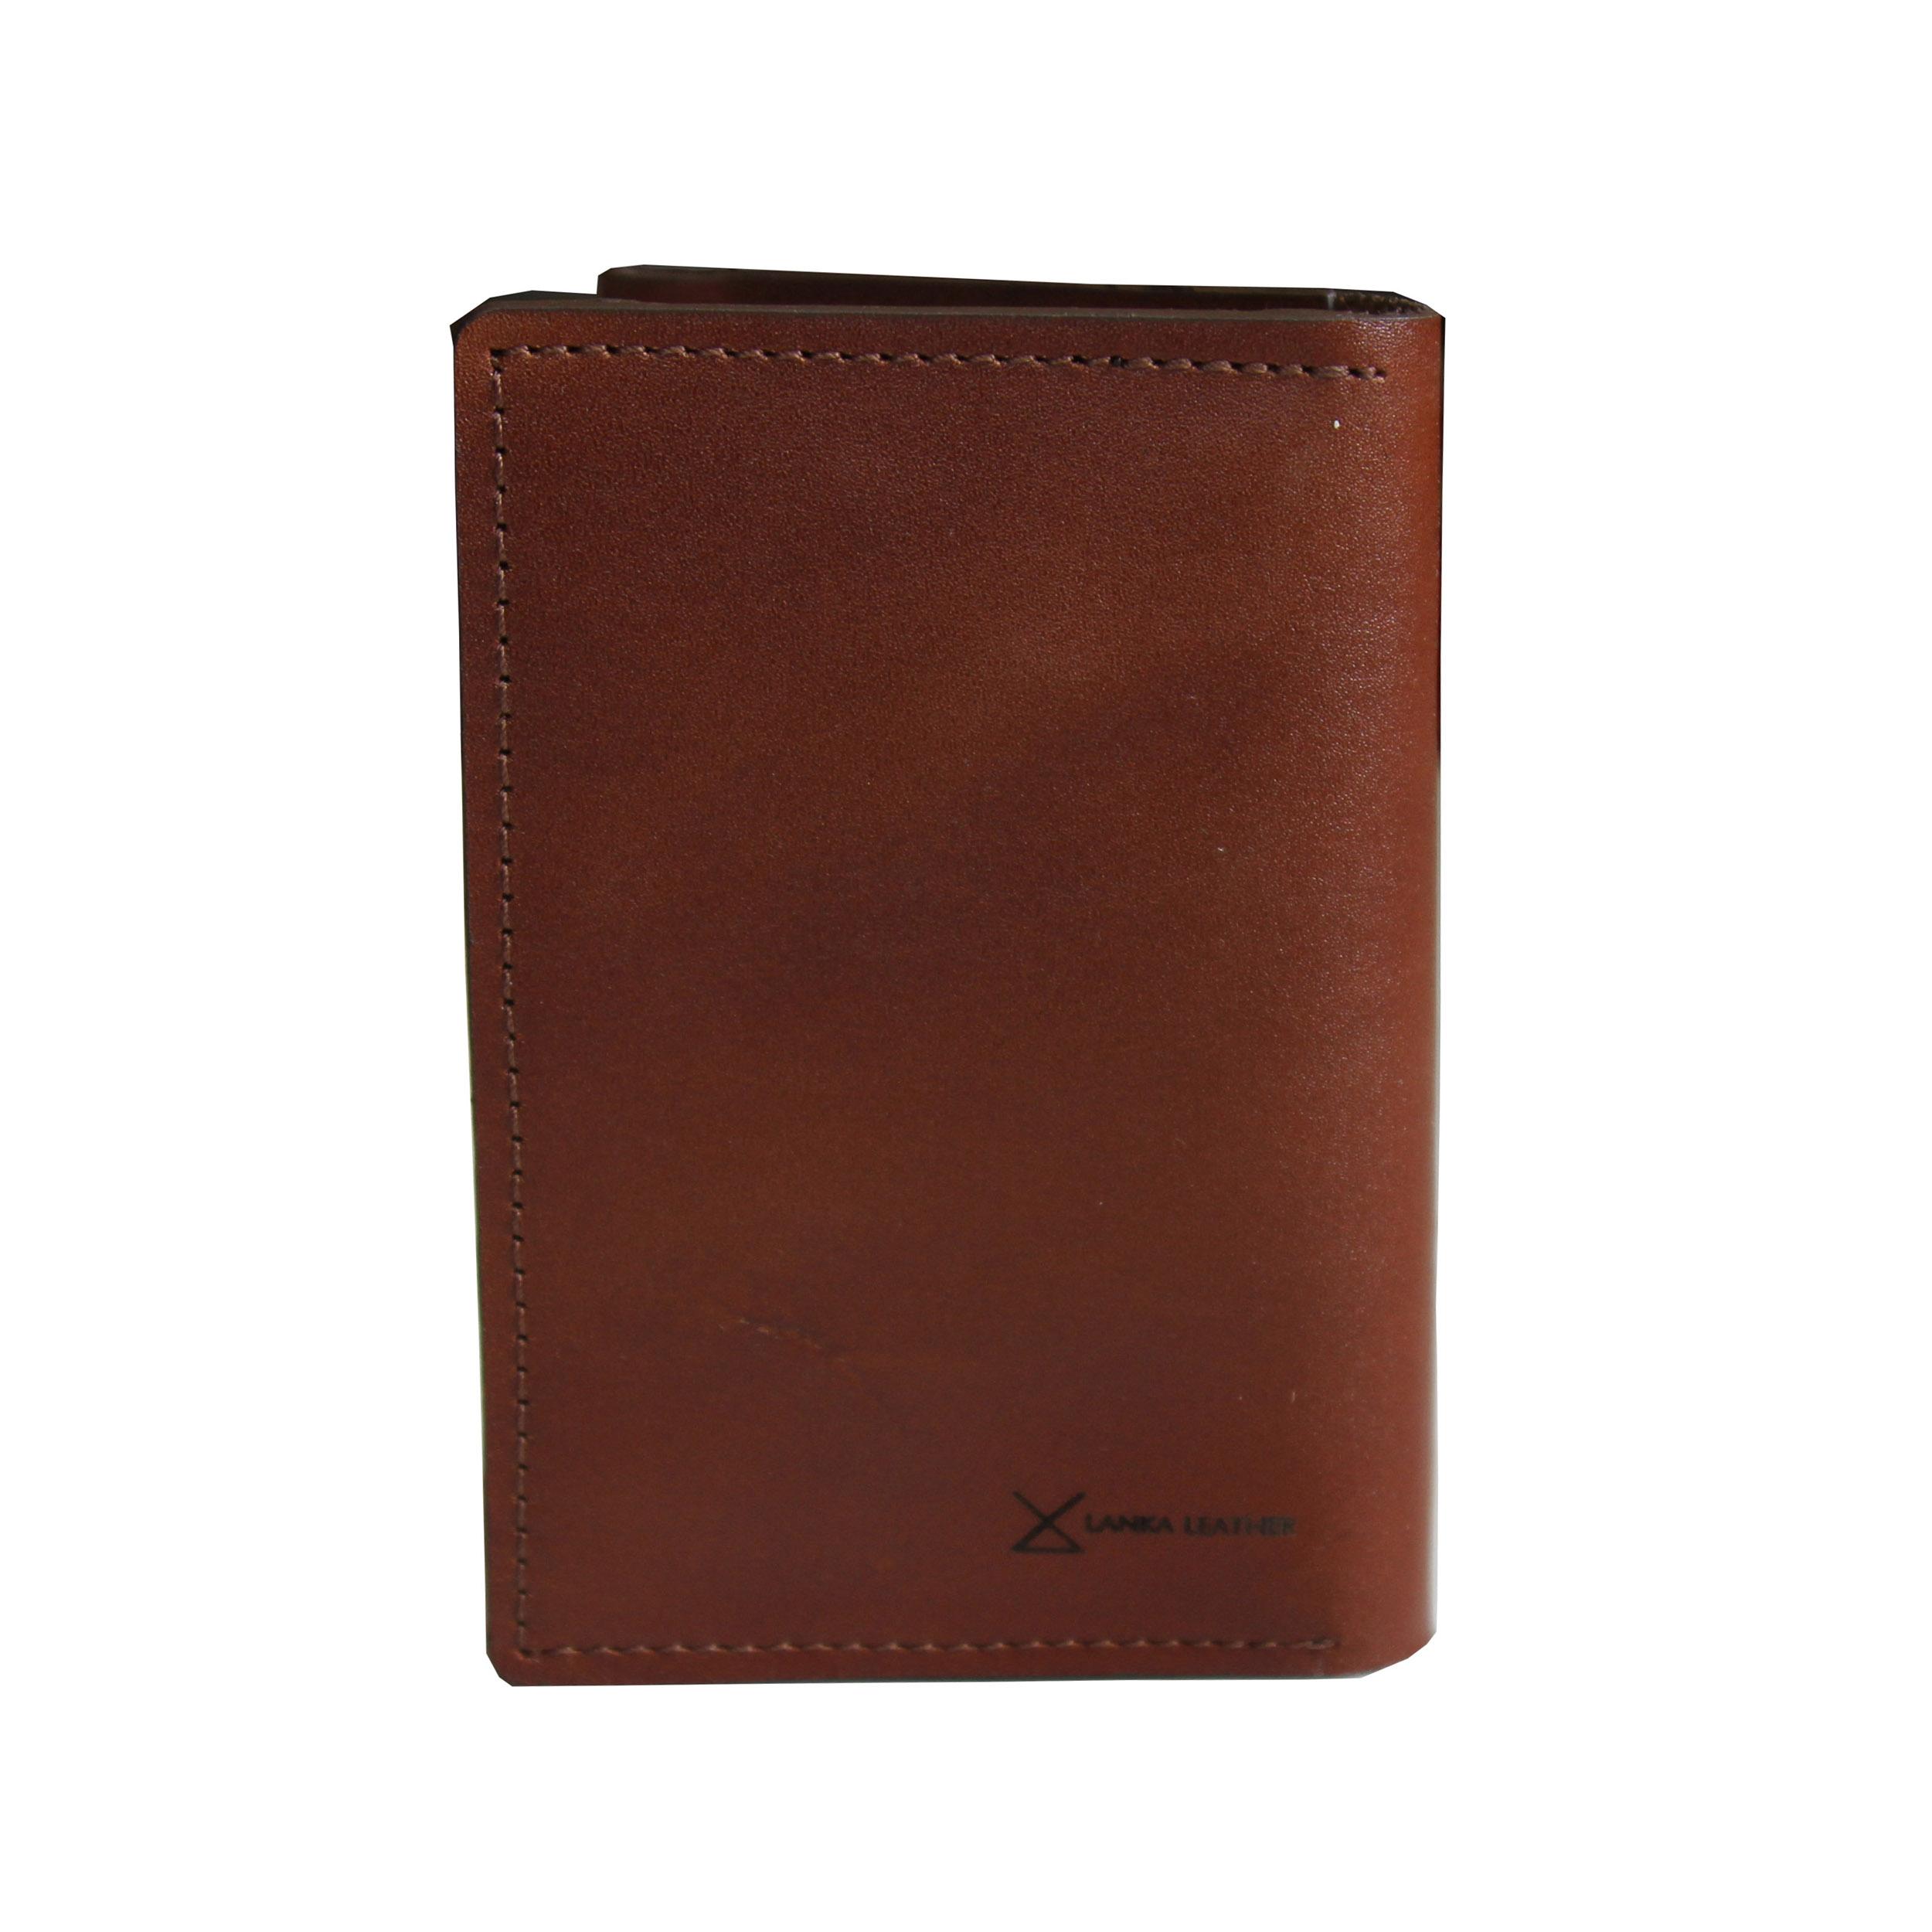 کیف پاسپورت چرم لانکا مدل PC-1